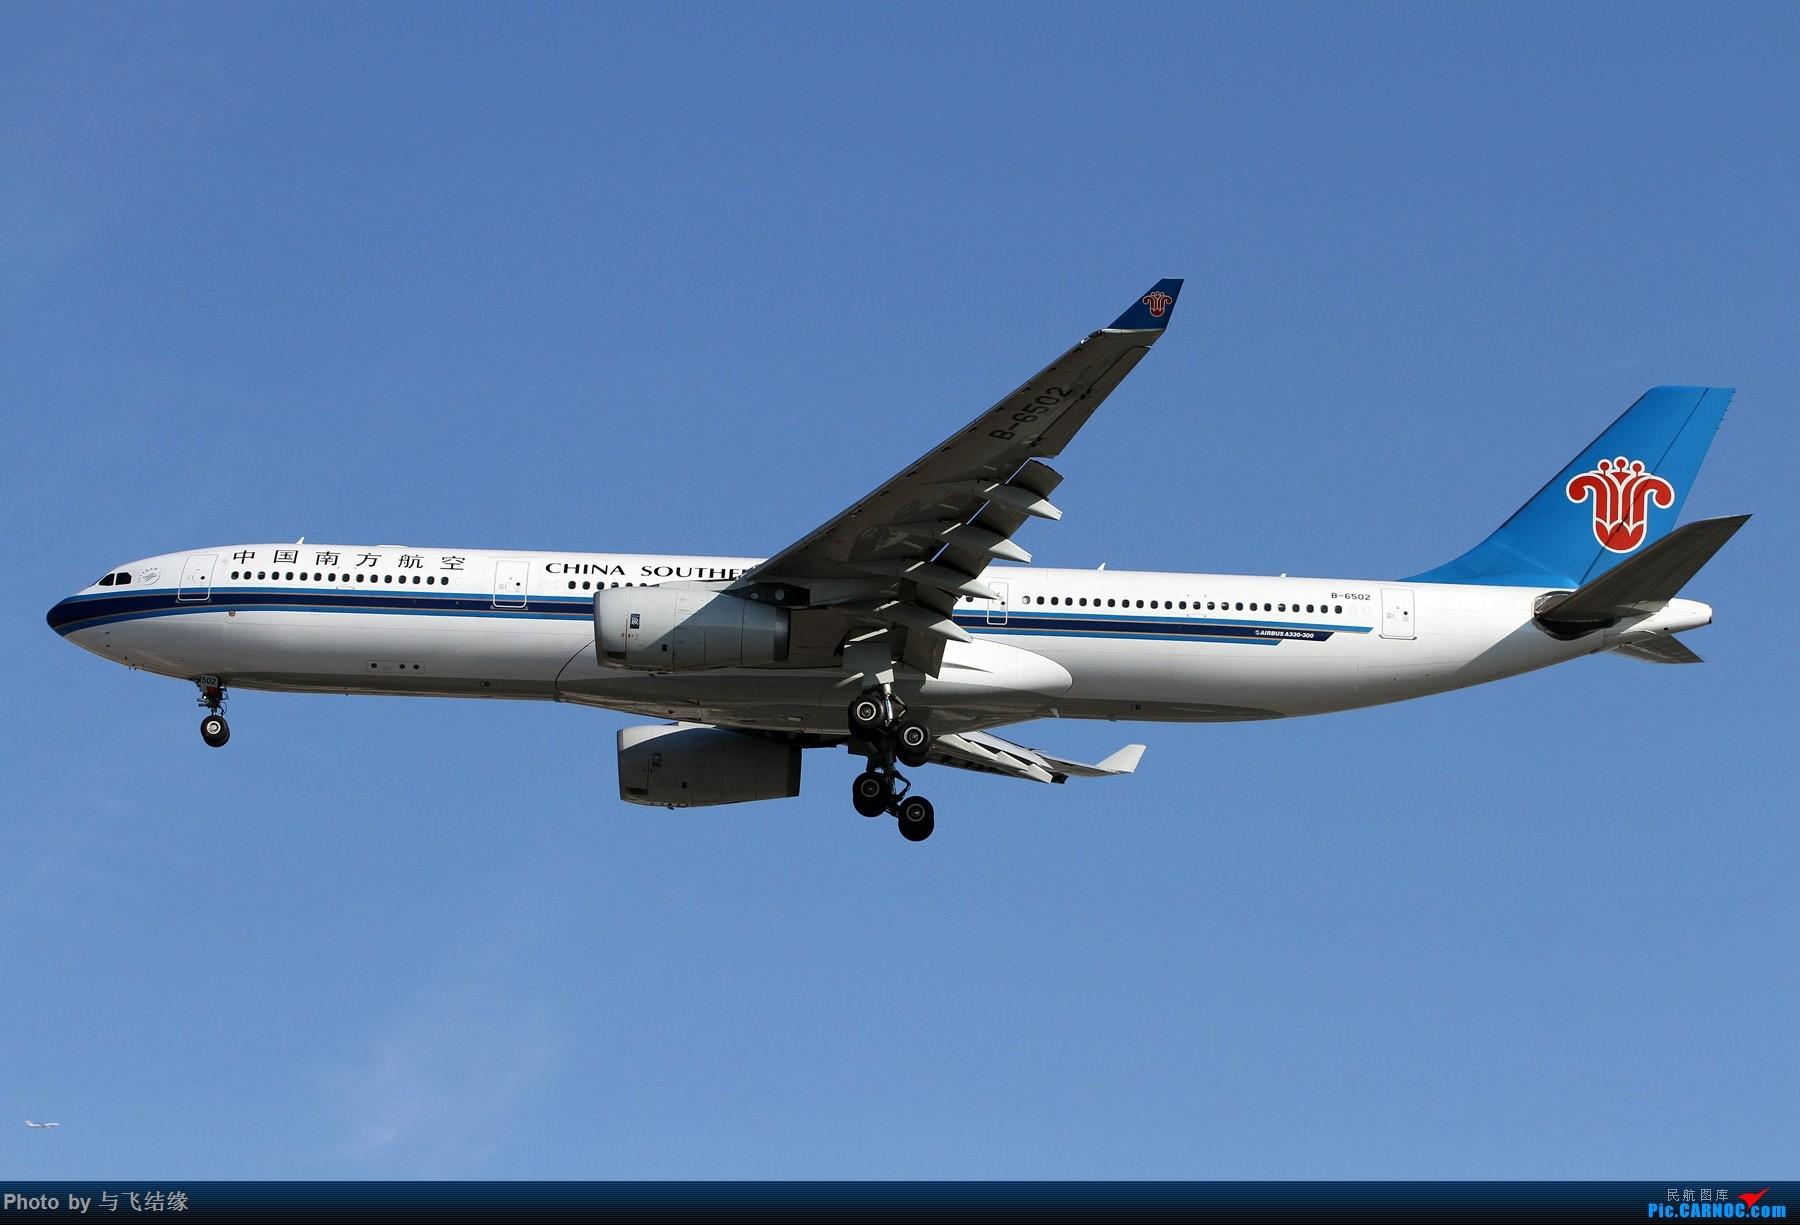 Re:[原创]十二月十号天气不错,楼了几张拙作出来露个脸发一下。 AIRBUS A330-300 B-6502 中国北京首都国际机场